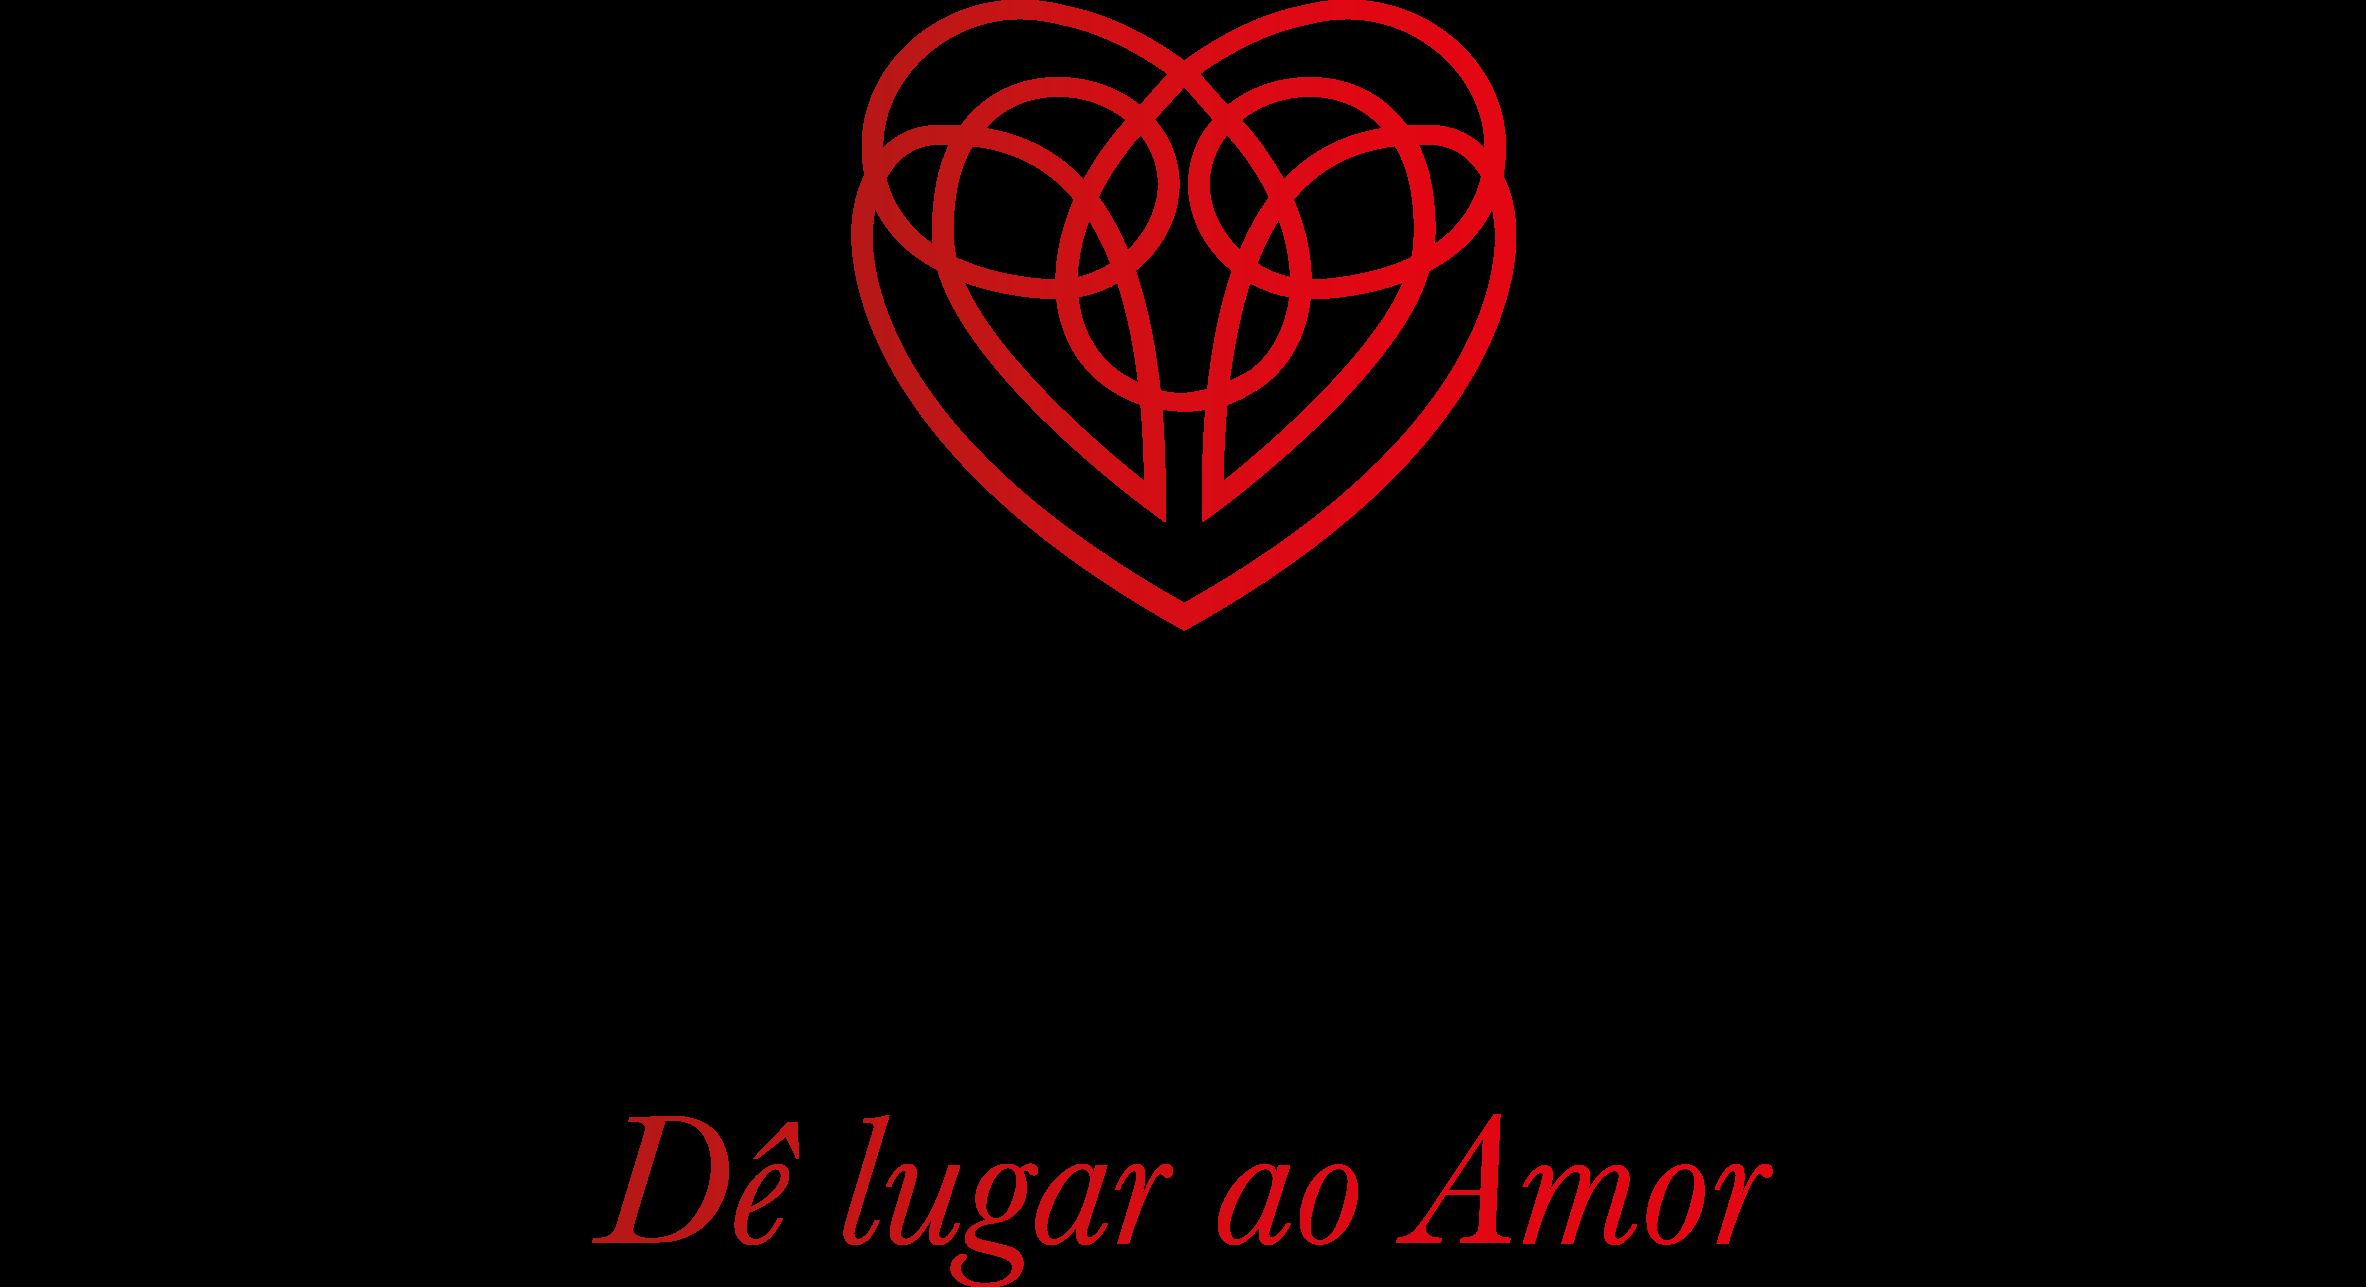 Logotipo Câmara Municipal de Alcobaça